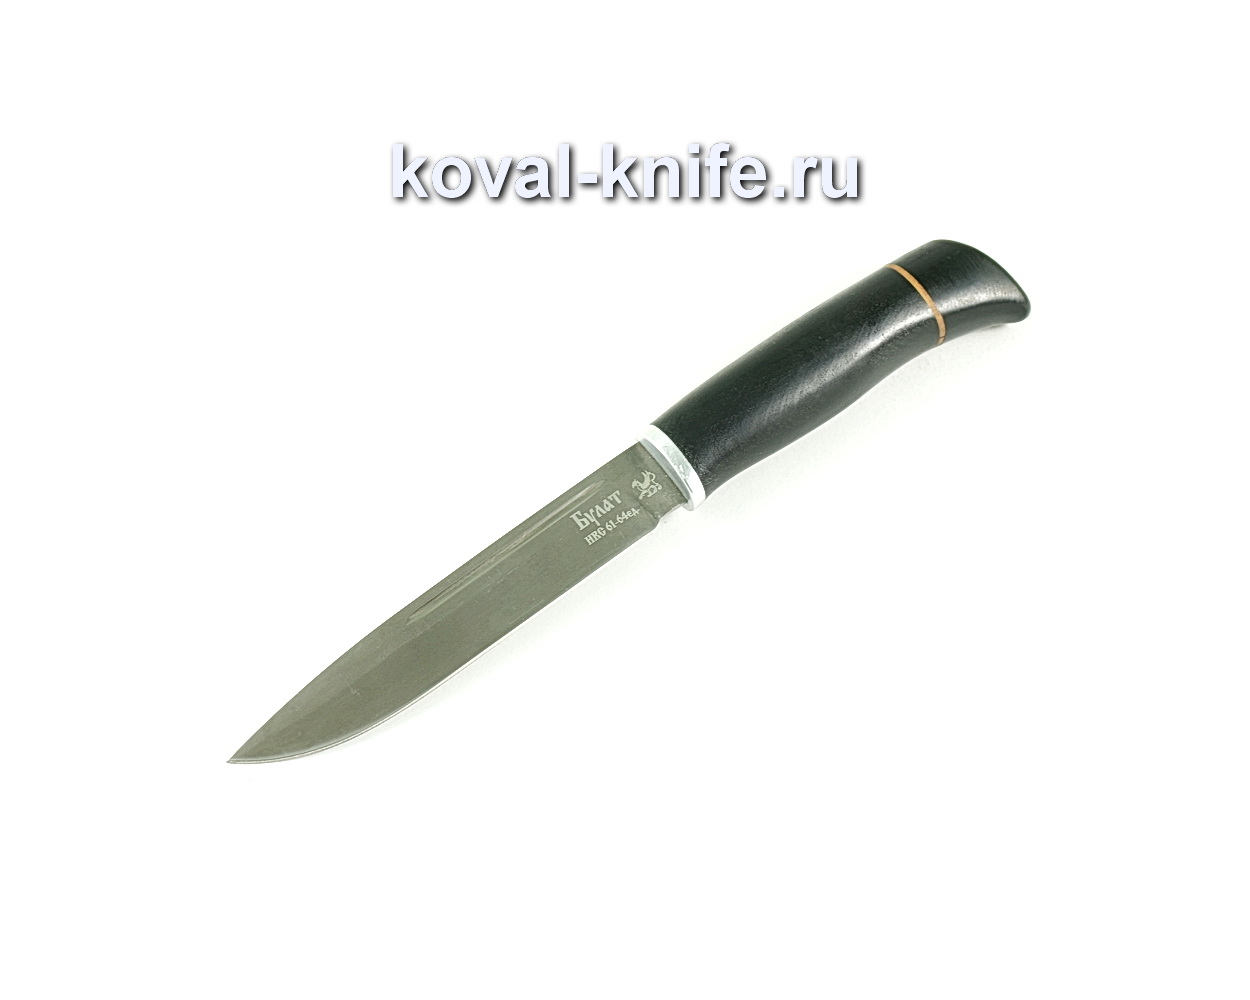 Нож Финка (сталь Булат), рукоять граб